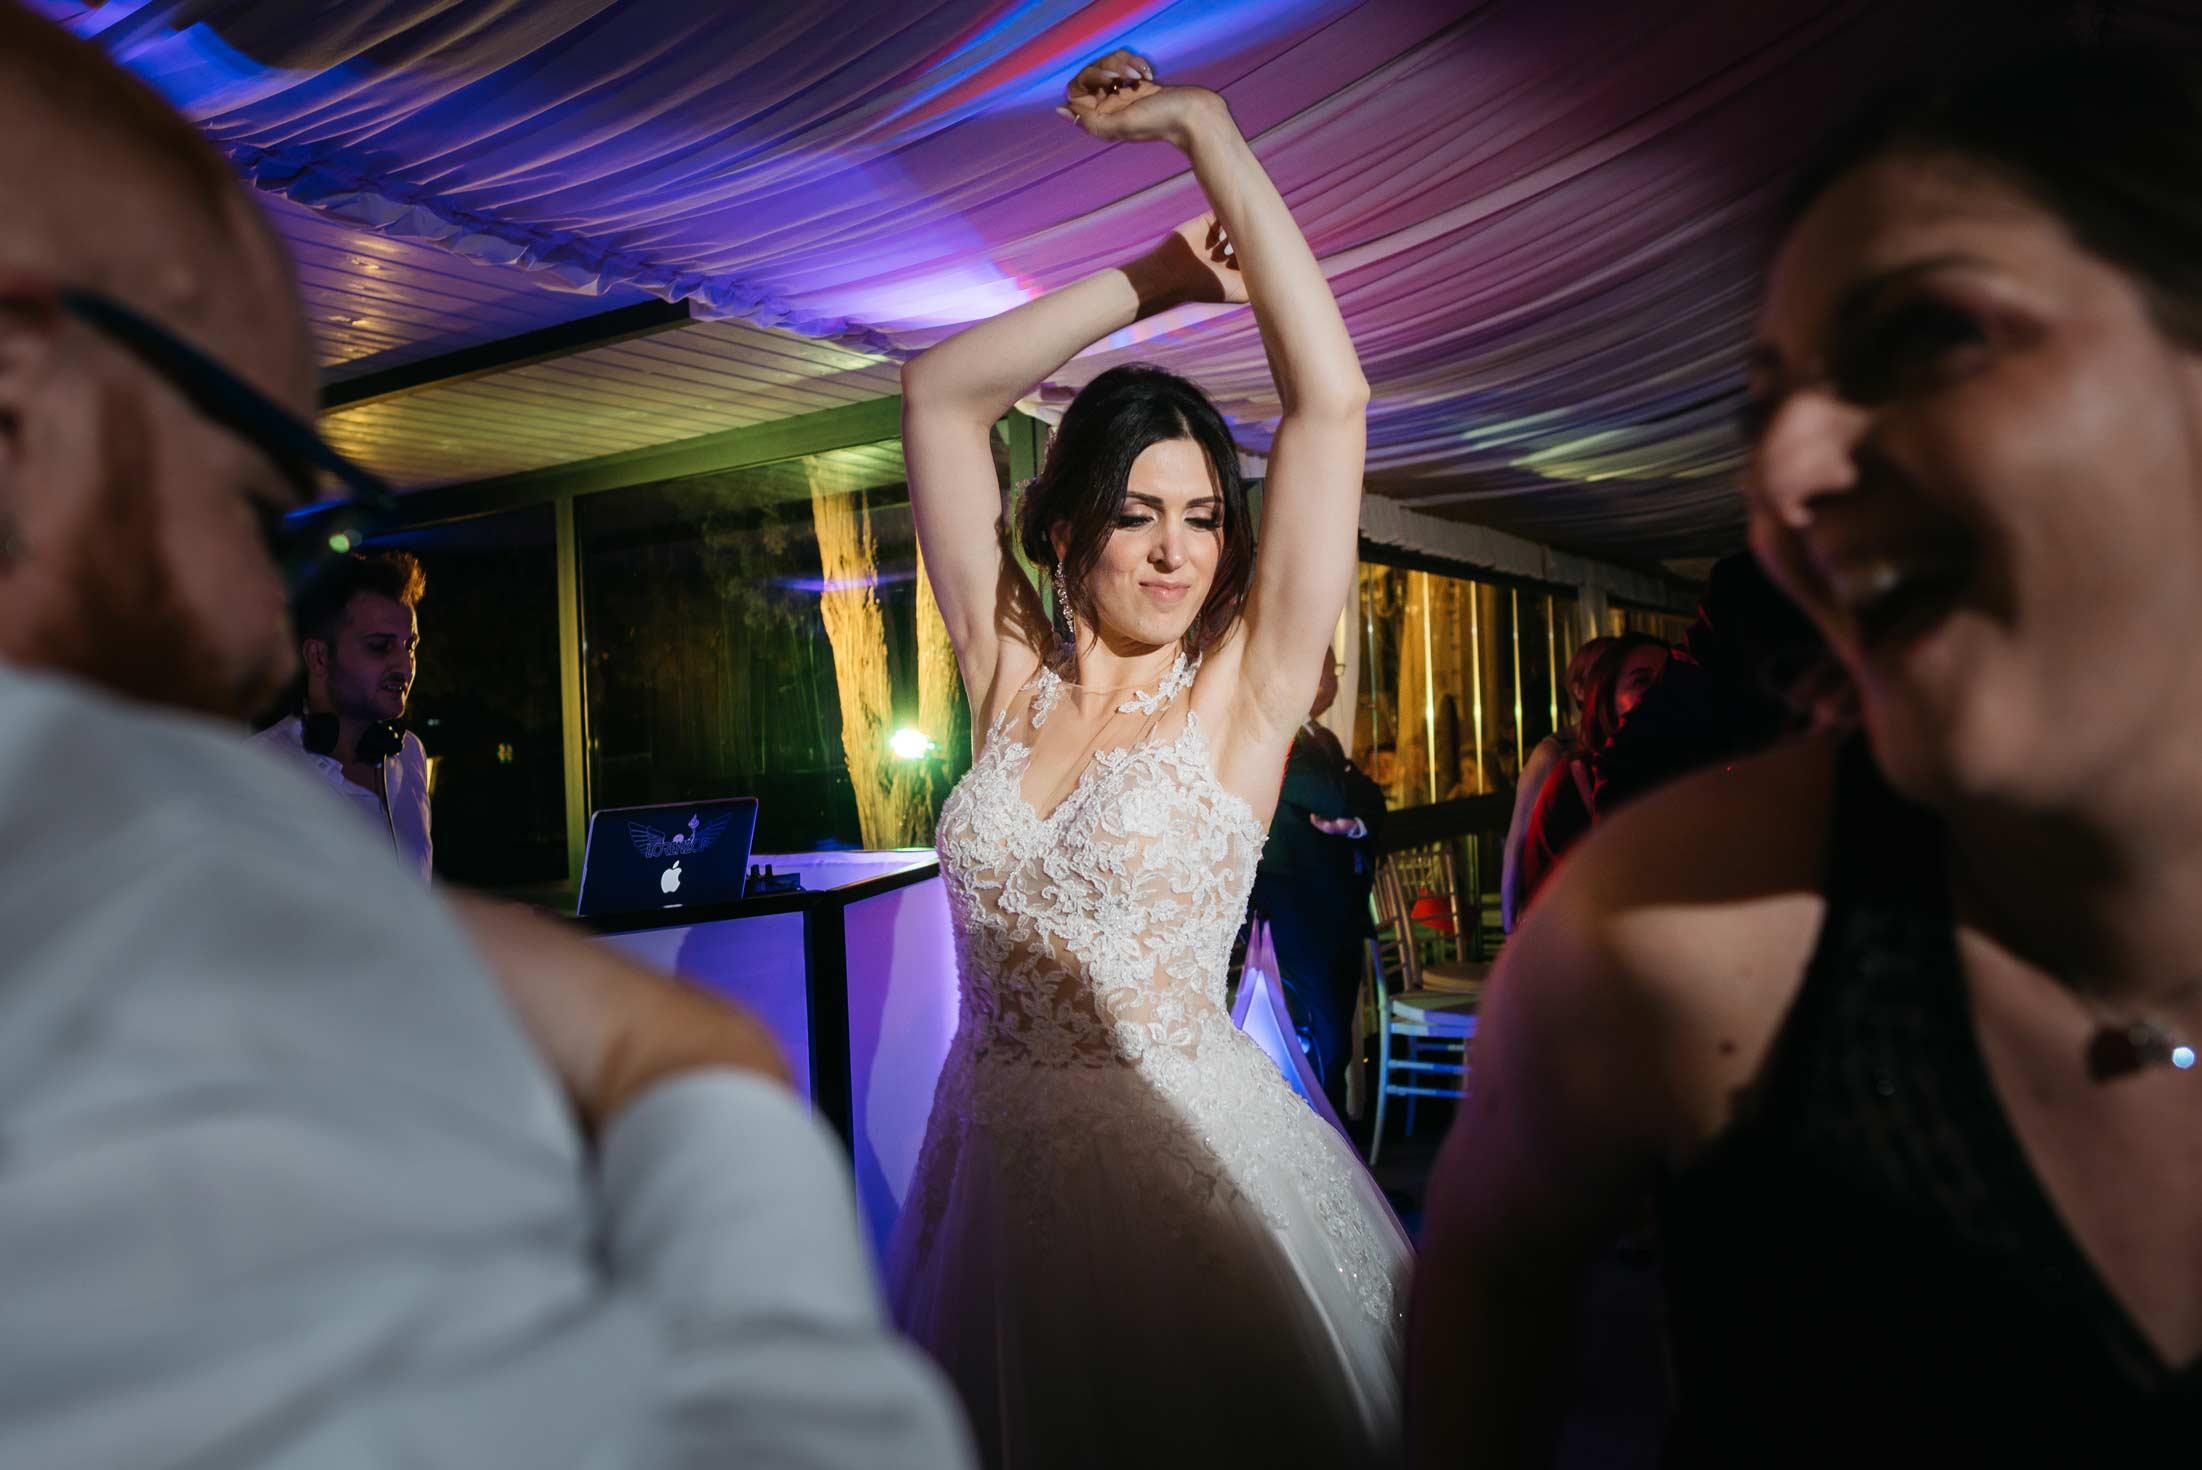 Fotoreportage-Di-Matrimonio-Fotografo-Matrimonio-Roma-A&D